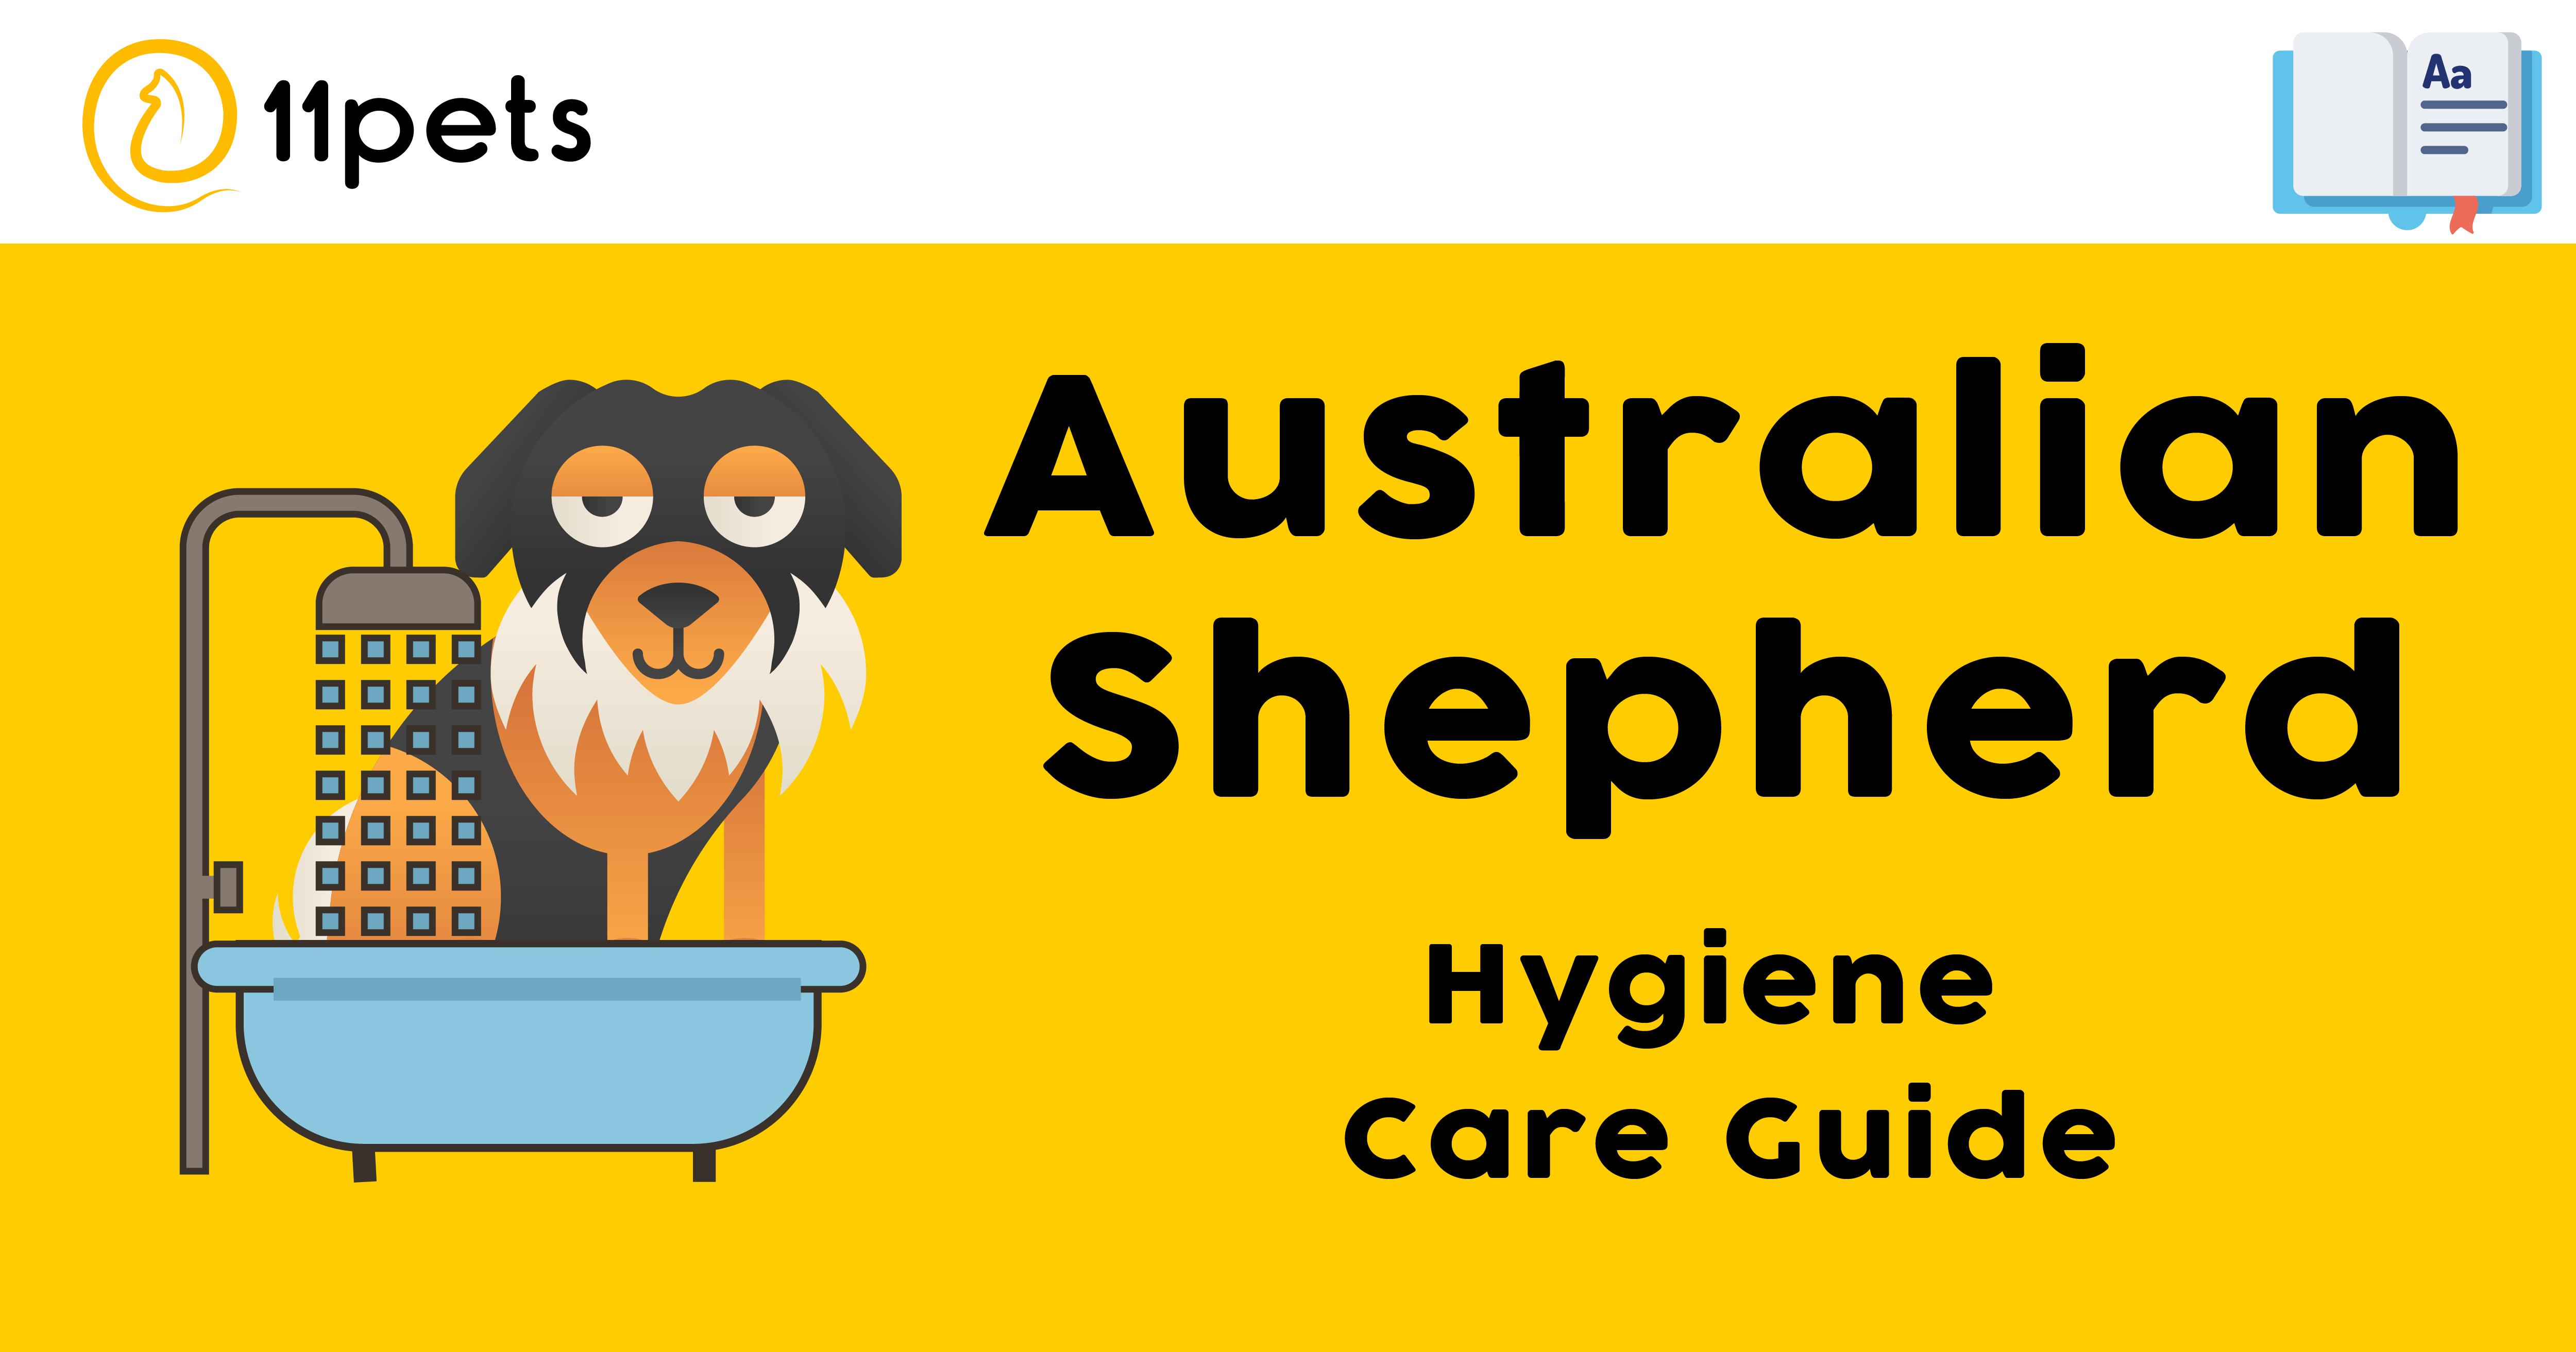 Hygiene Care Guide for Australian Shepherd